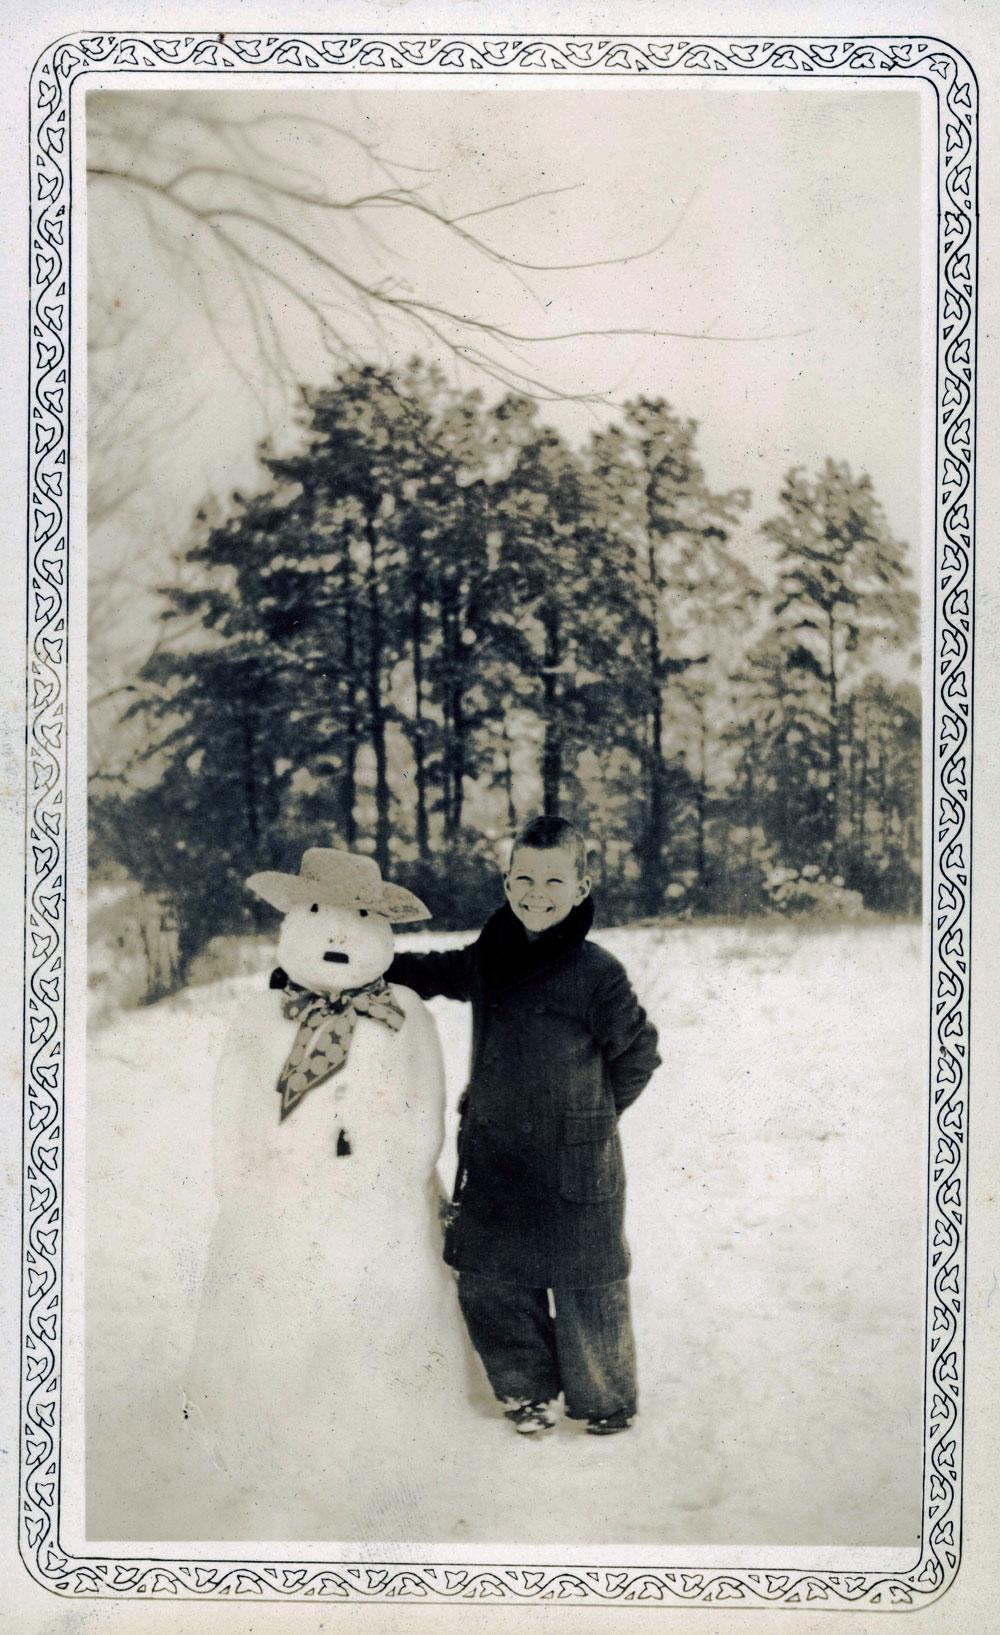 bonhomme neige ancien photo 45 Des bonshommes de neige à lancienne